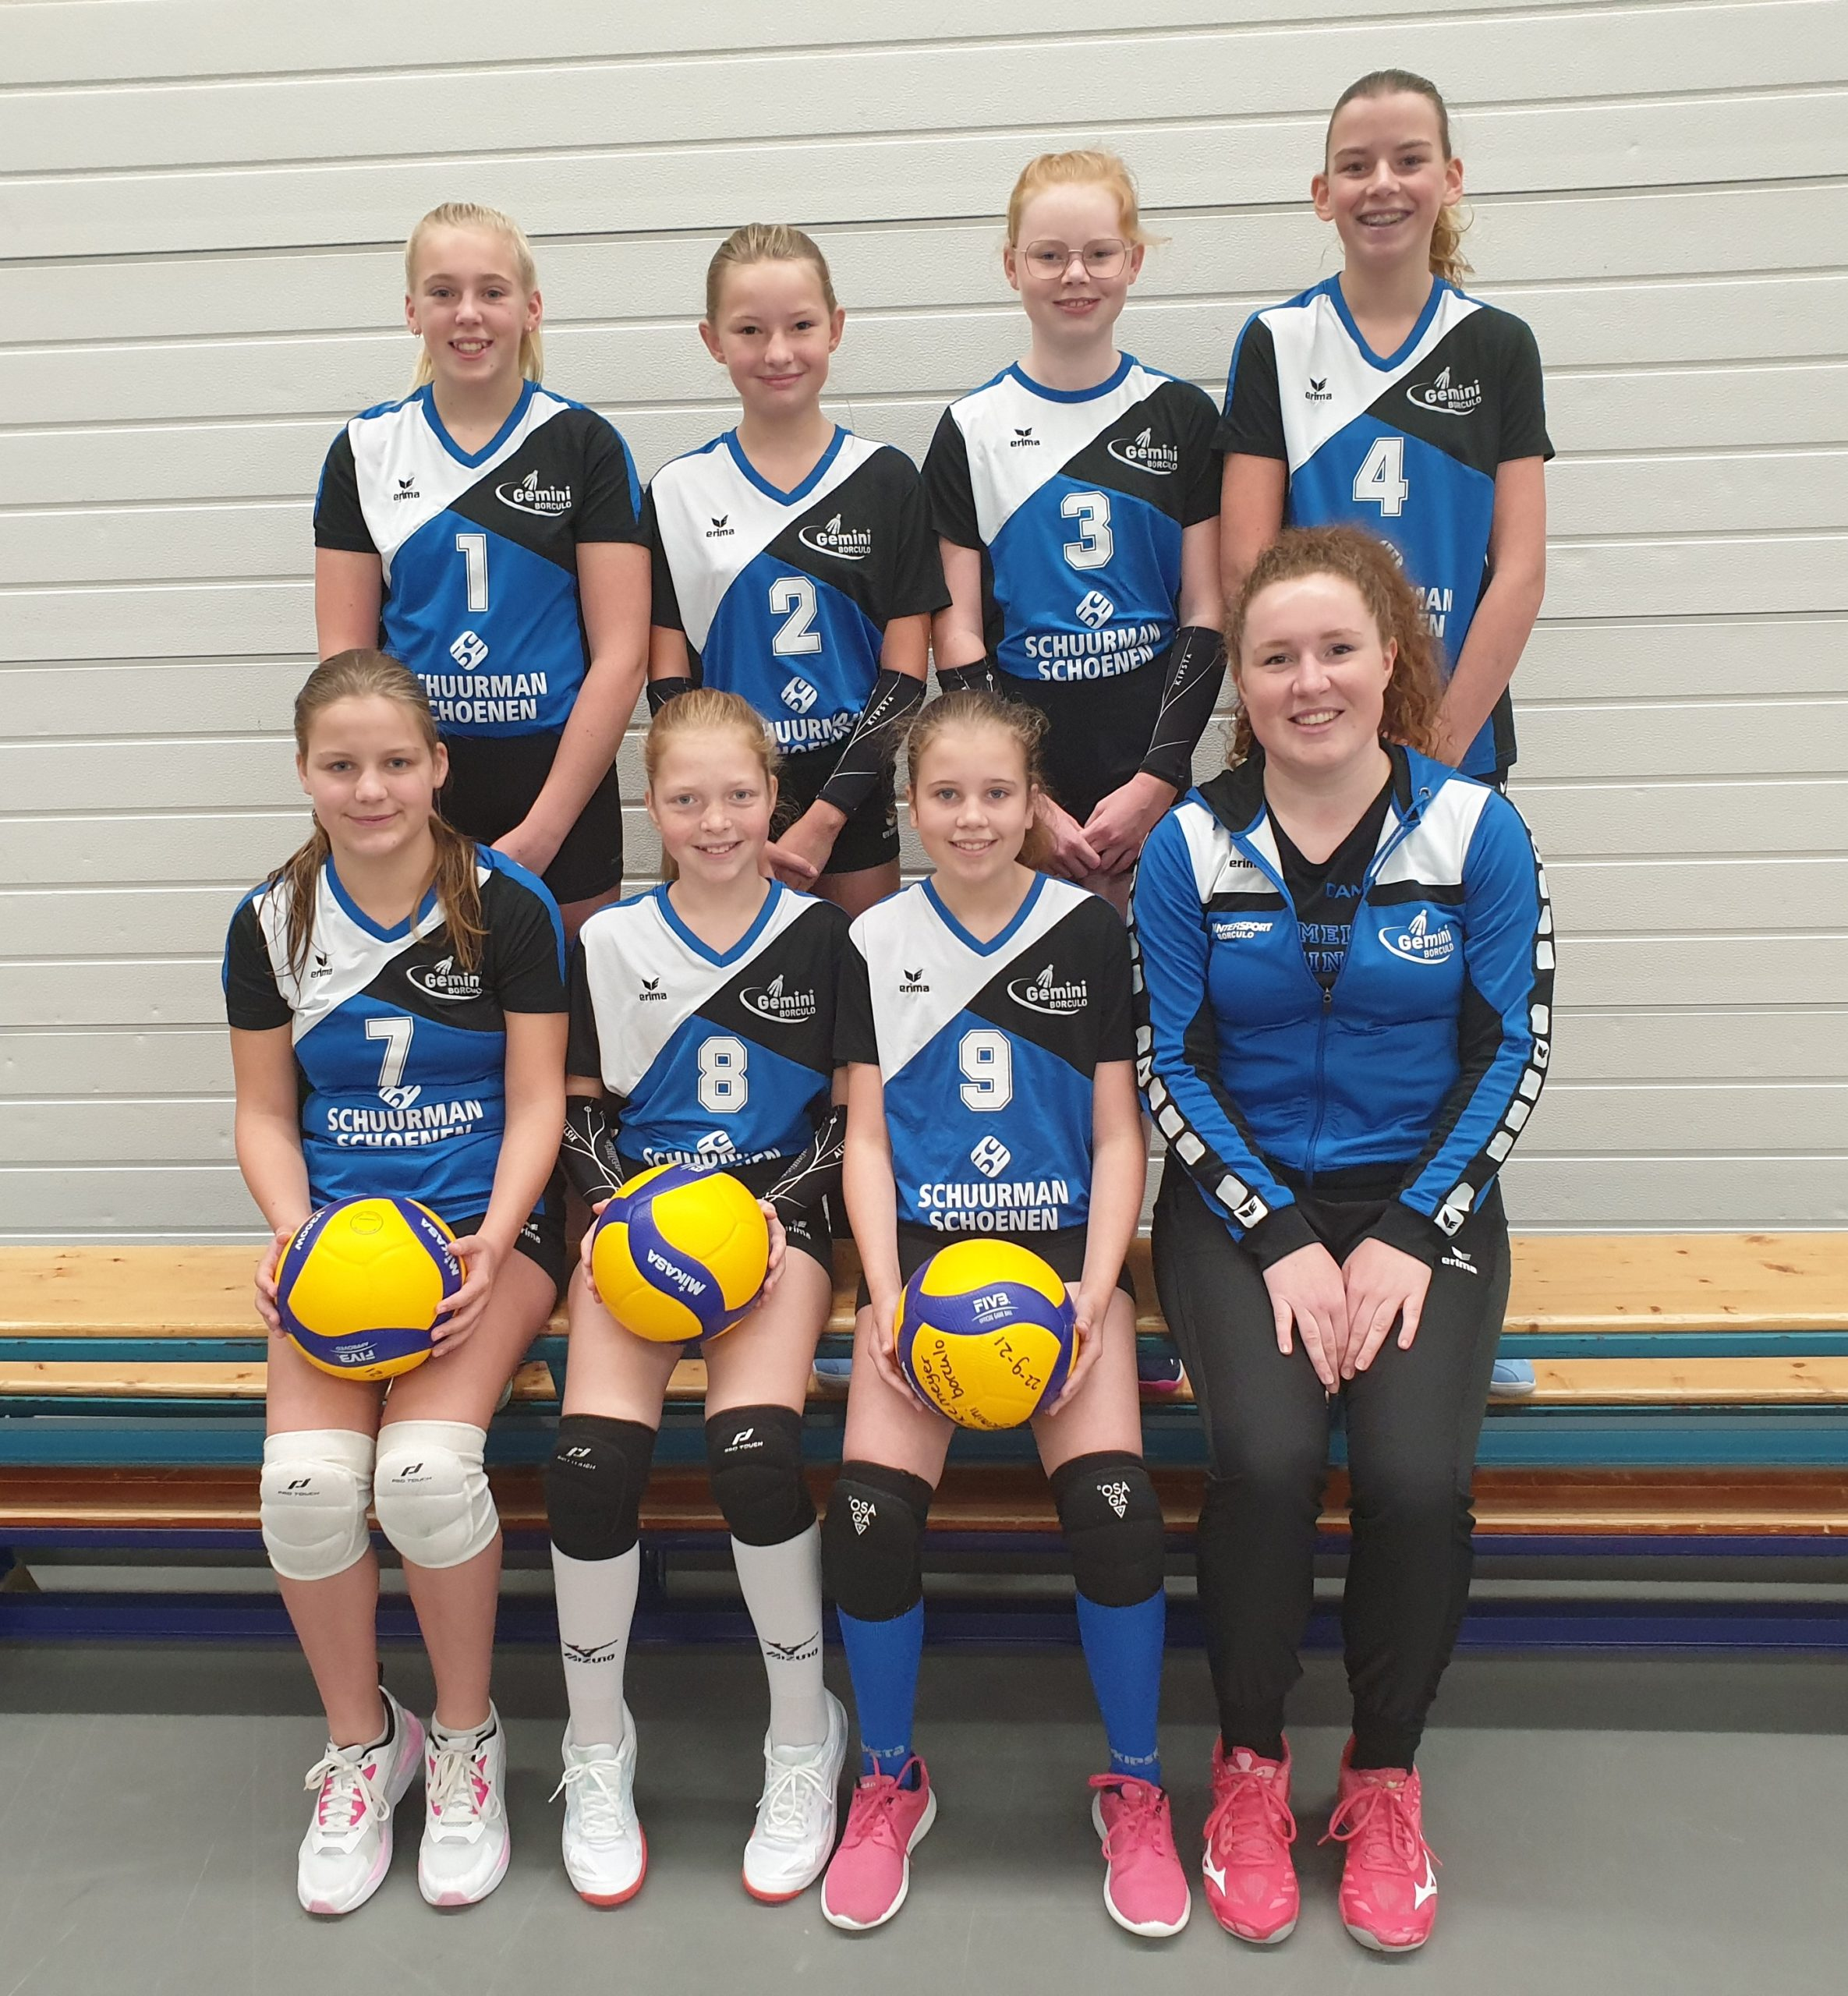 Gemini Borculo - Team Meisjes C1